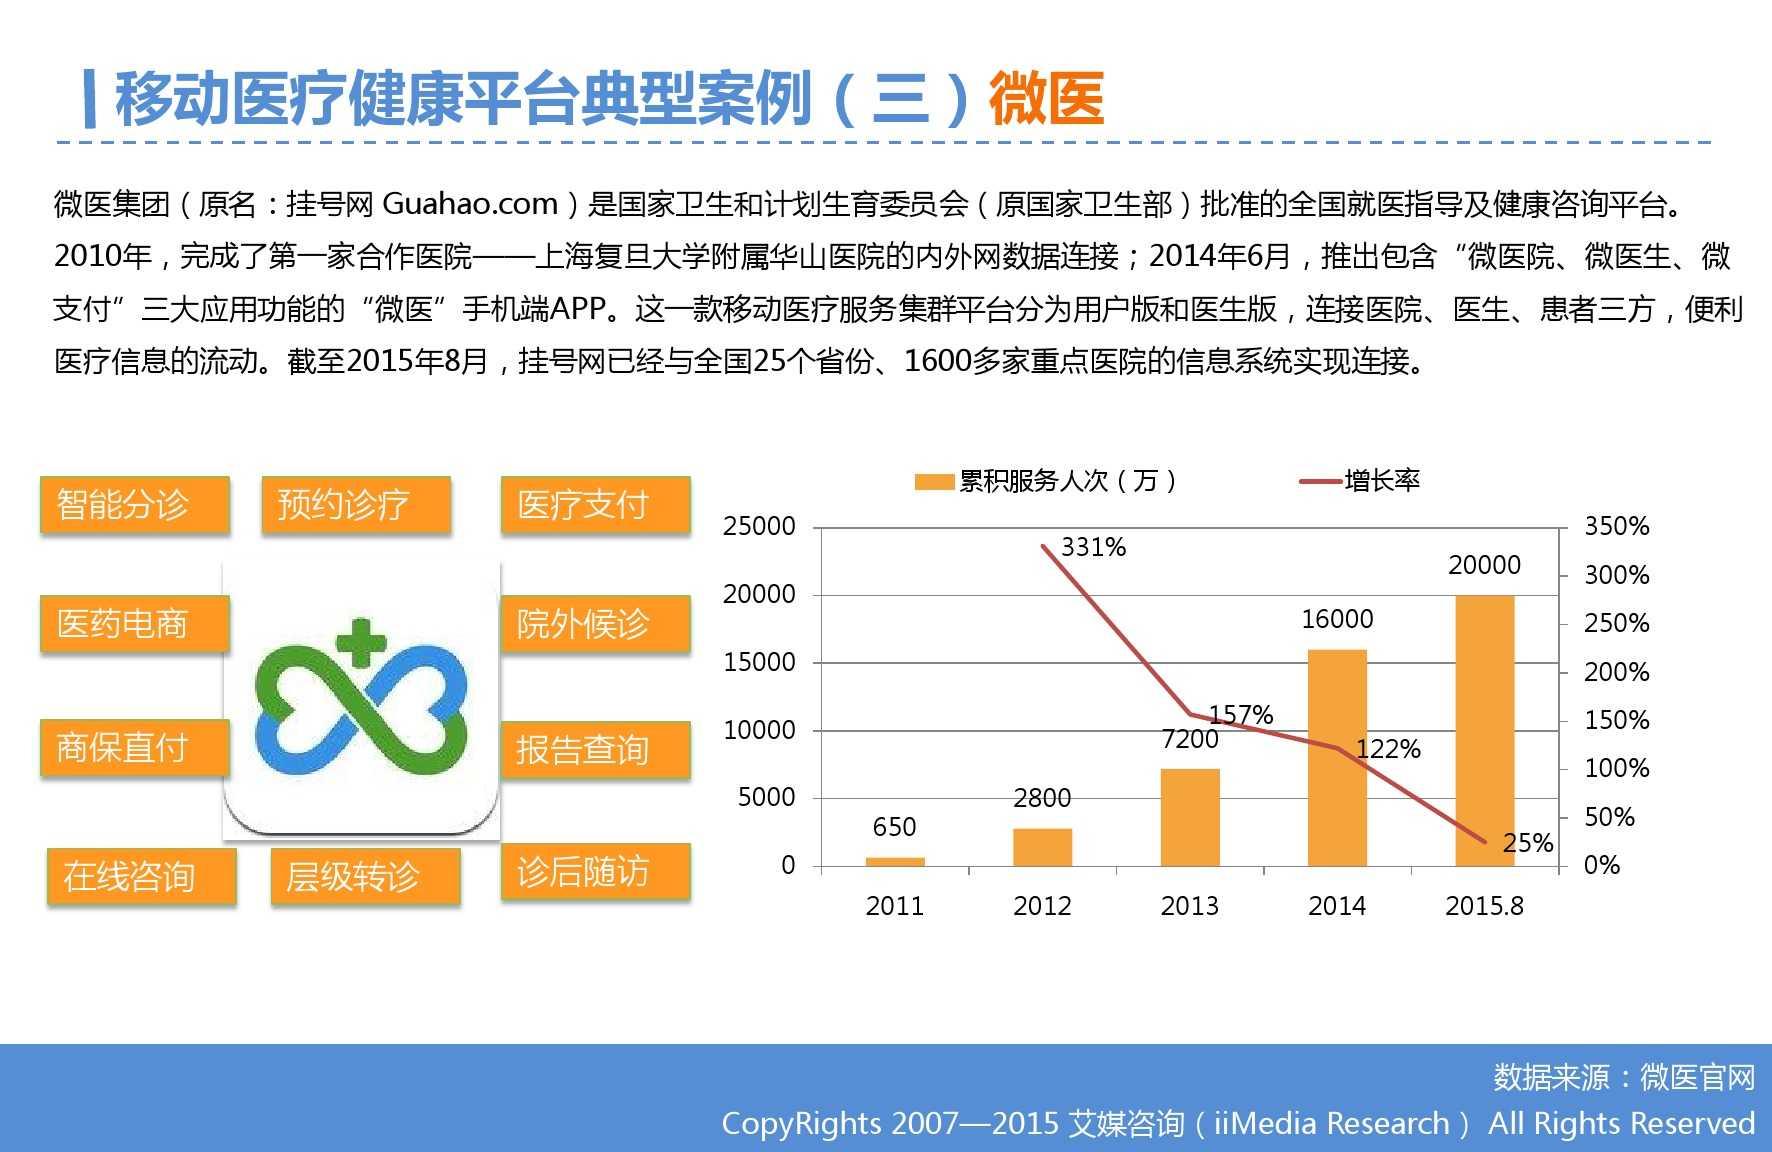 2015年Q3中国移动医疗健康市场监测报告_000019